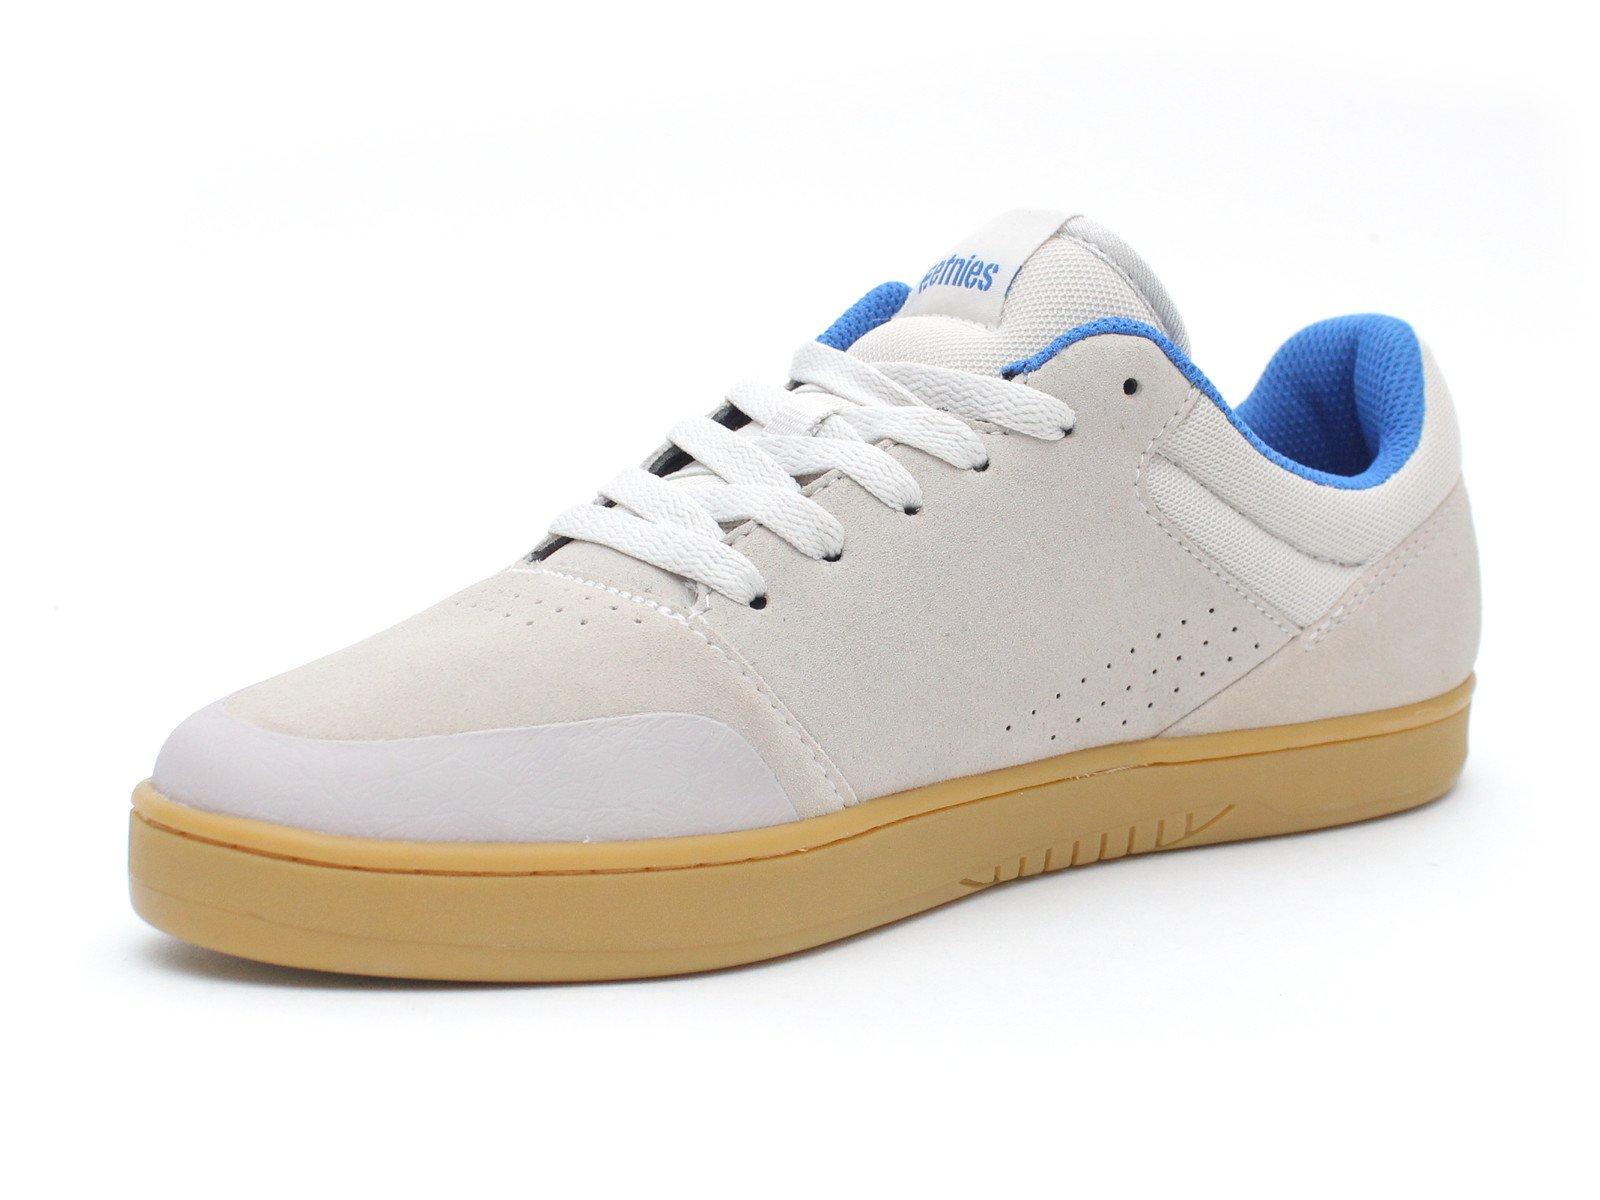 3dbb62d687 Etnies-Marana-Michelin-Schuhe-White-Blue-Gum-20190209151741-3.jpg